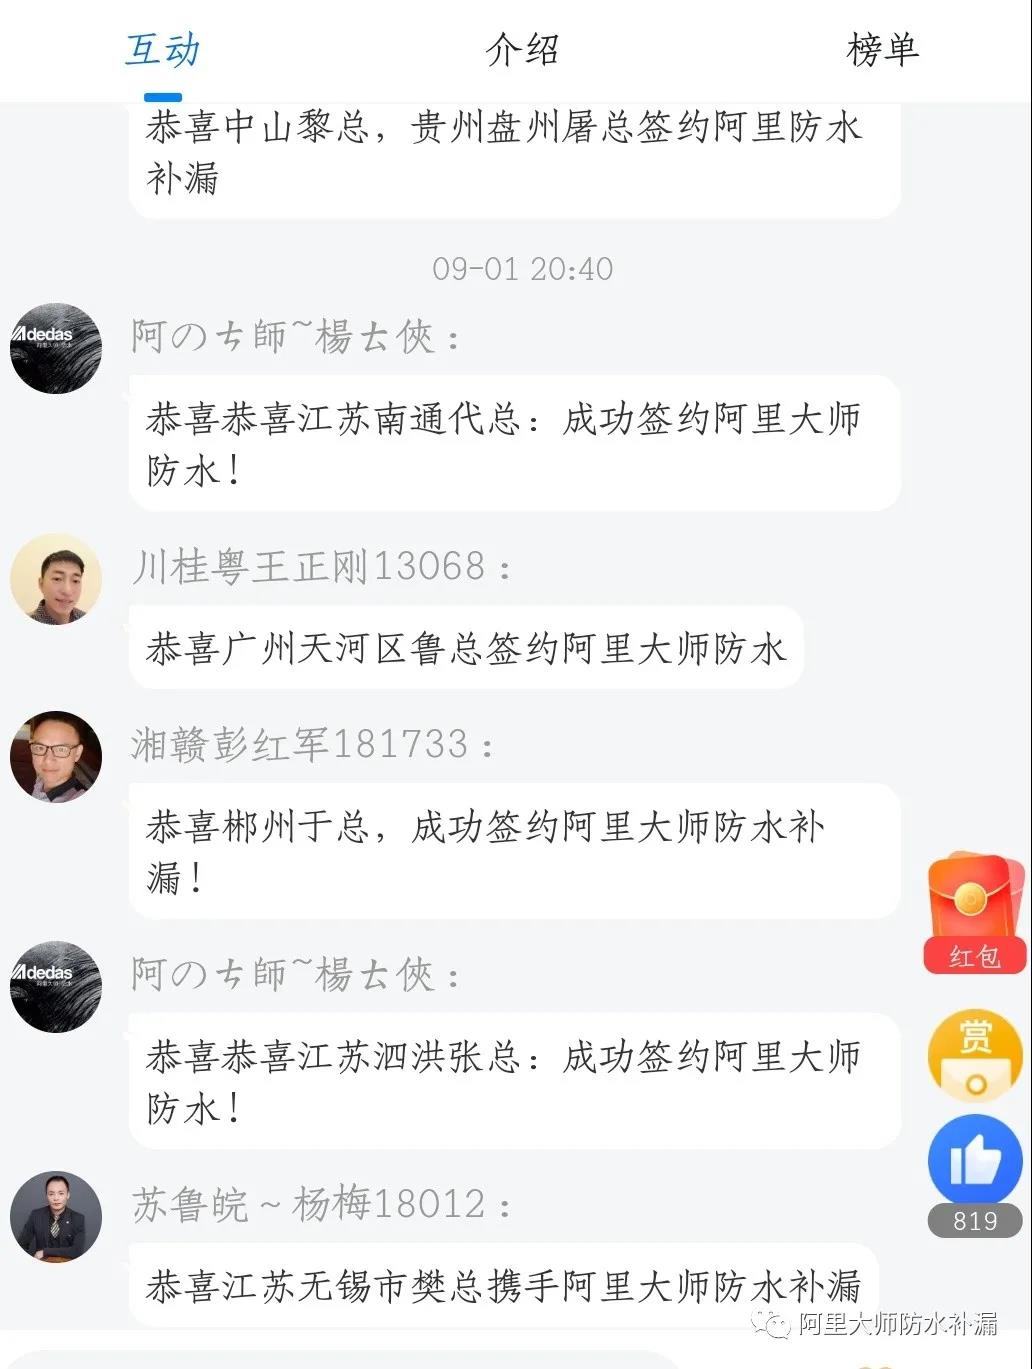 寰俊鍥剧墖_20210902175719.jpg